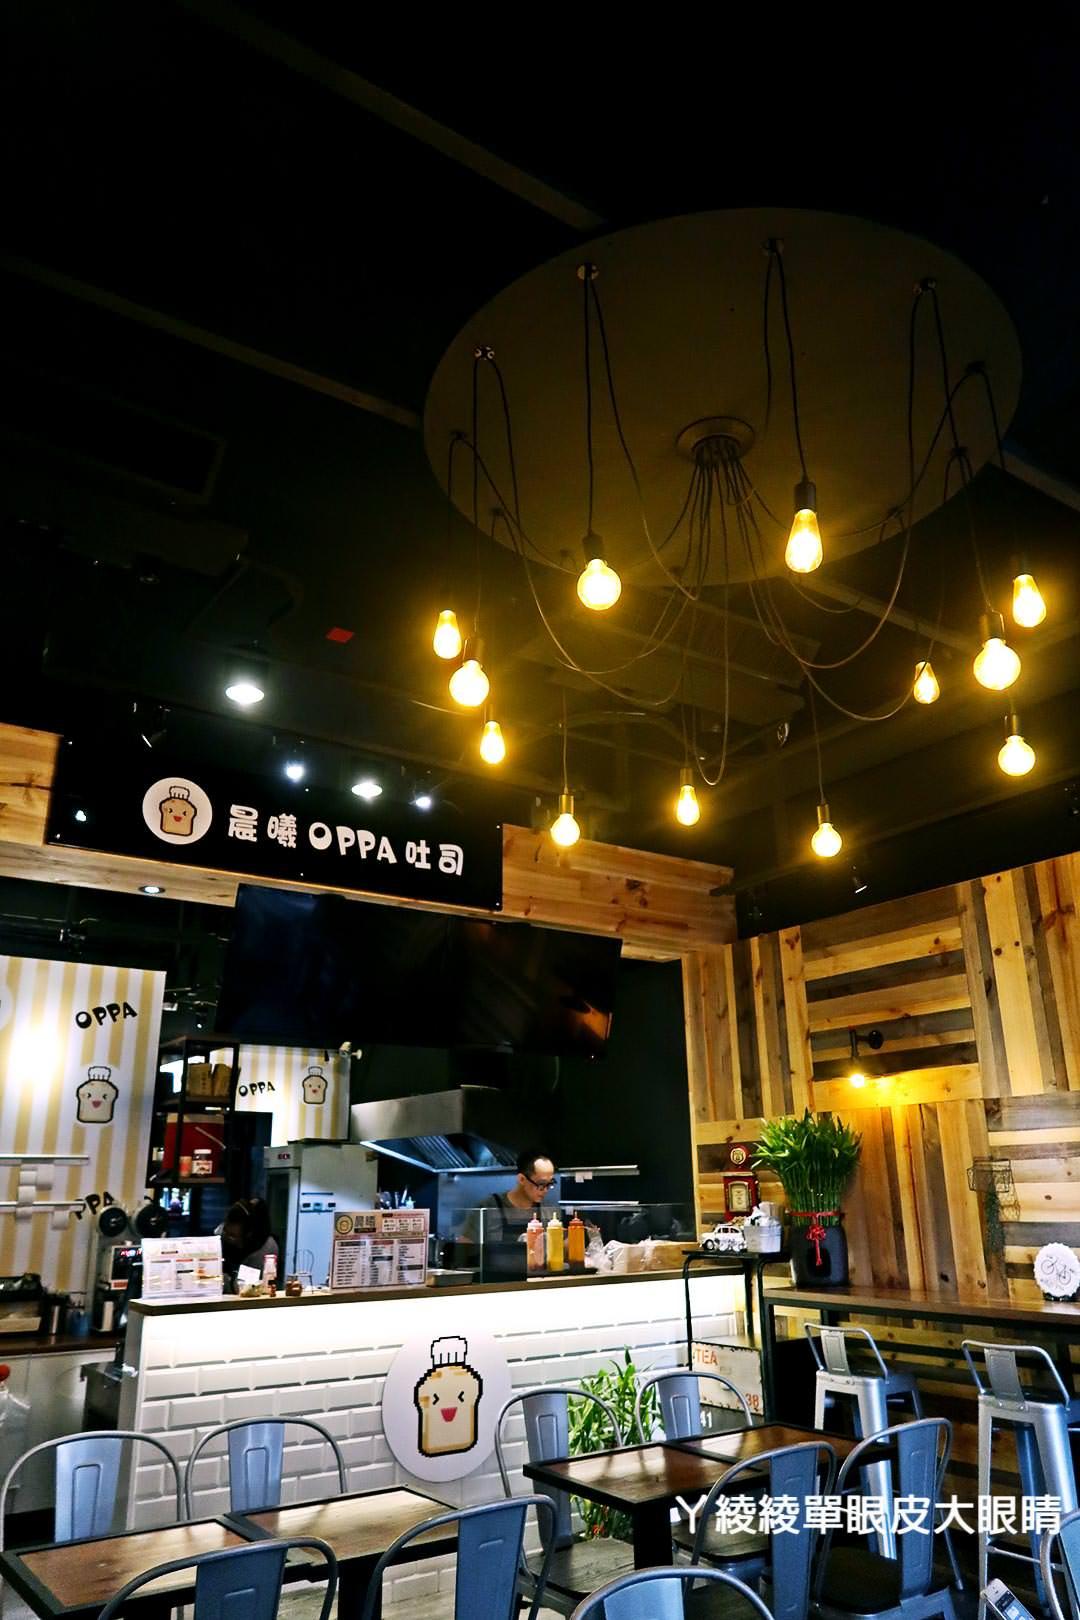 新竹早午餐下午茶外送推薦!超人氣韓式煎吐司在晨曦OPPA吐司(已歇業)